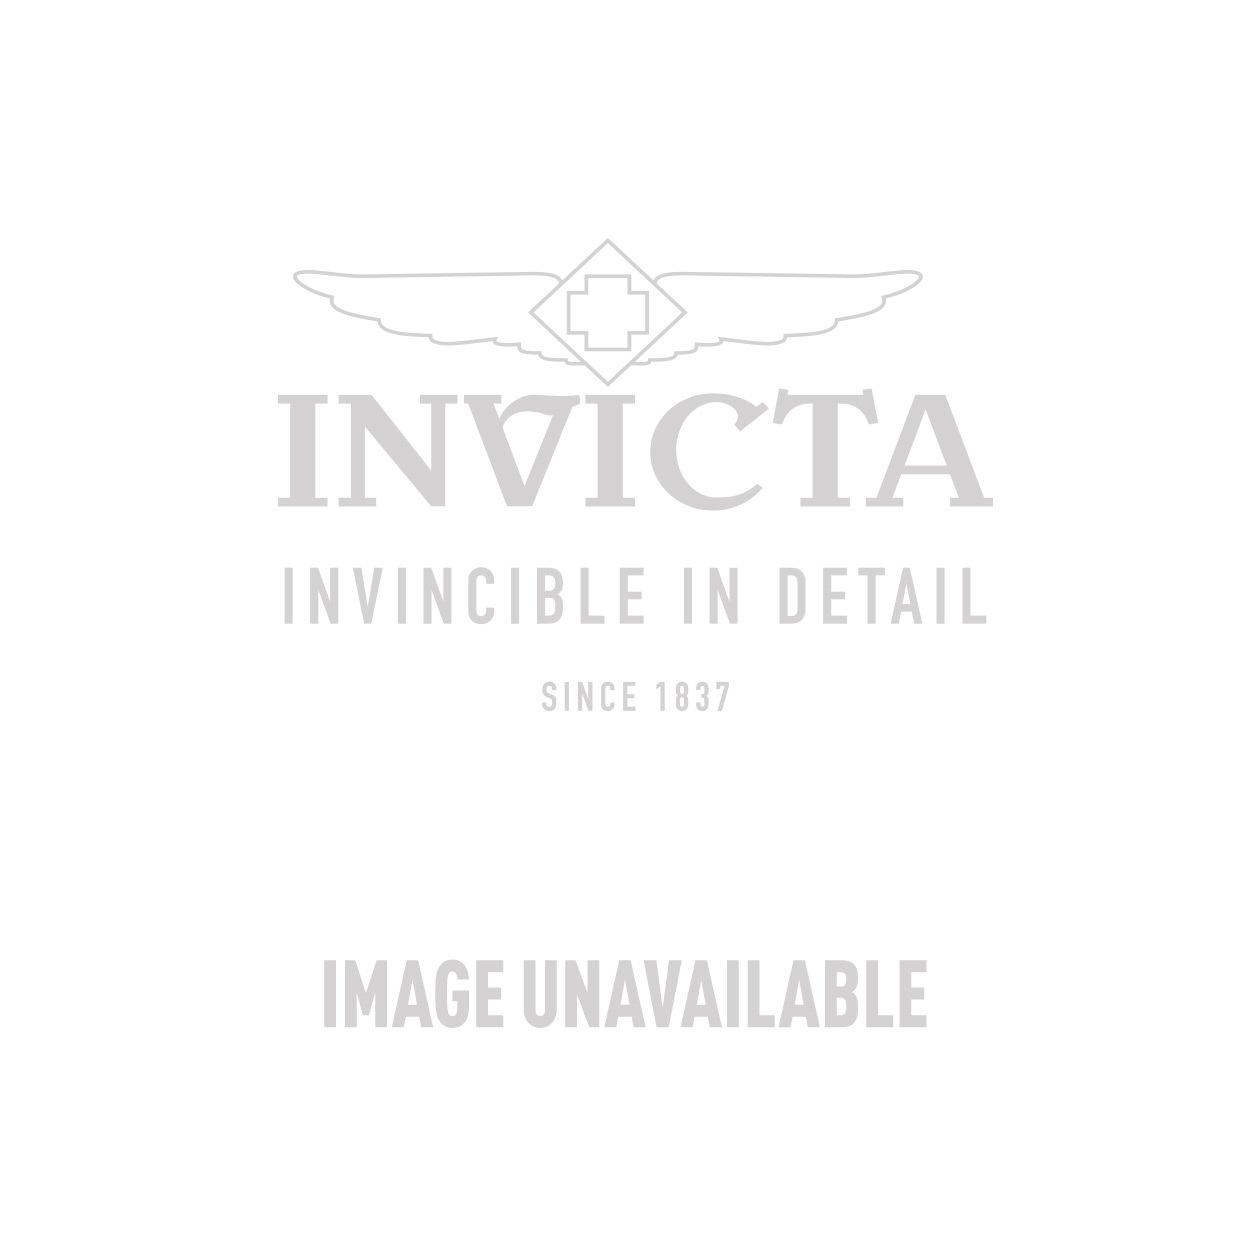 Invicta Model 27226